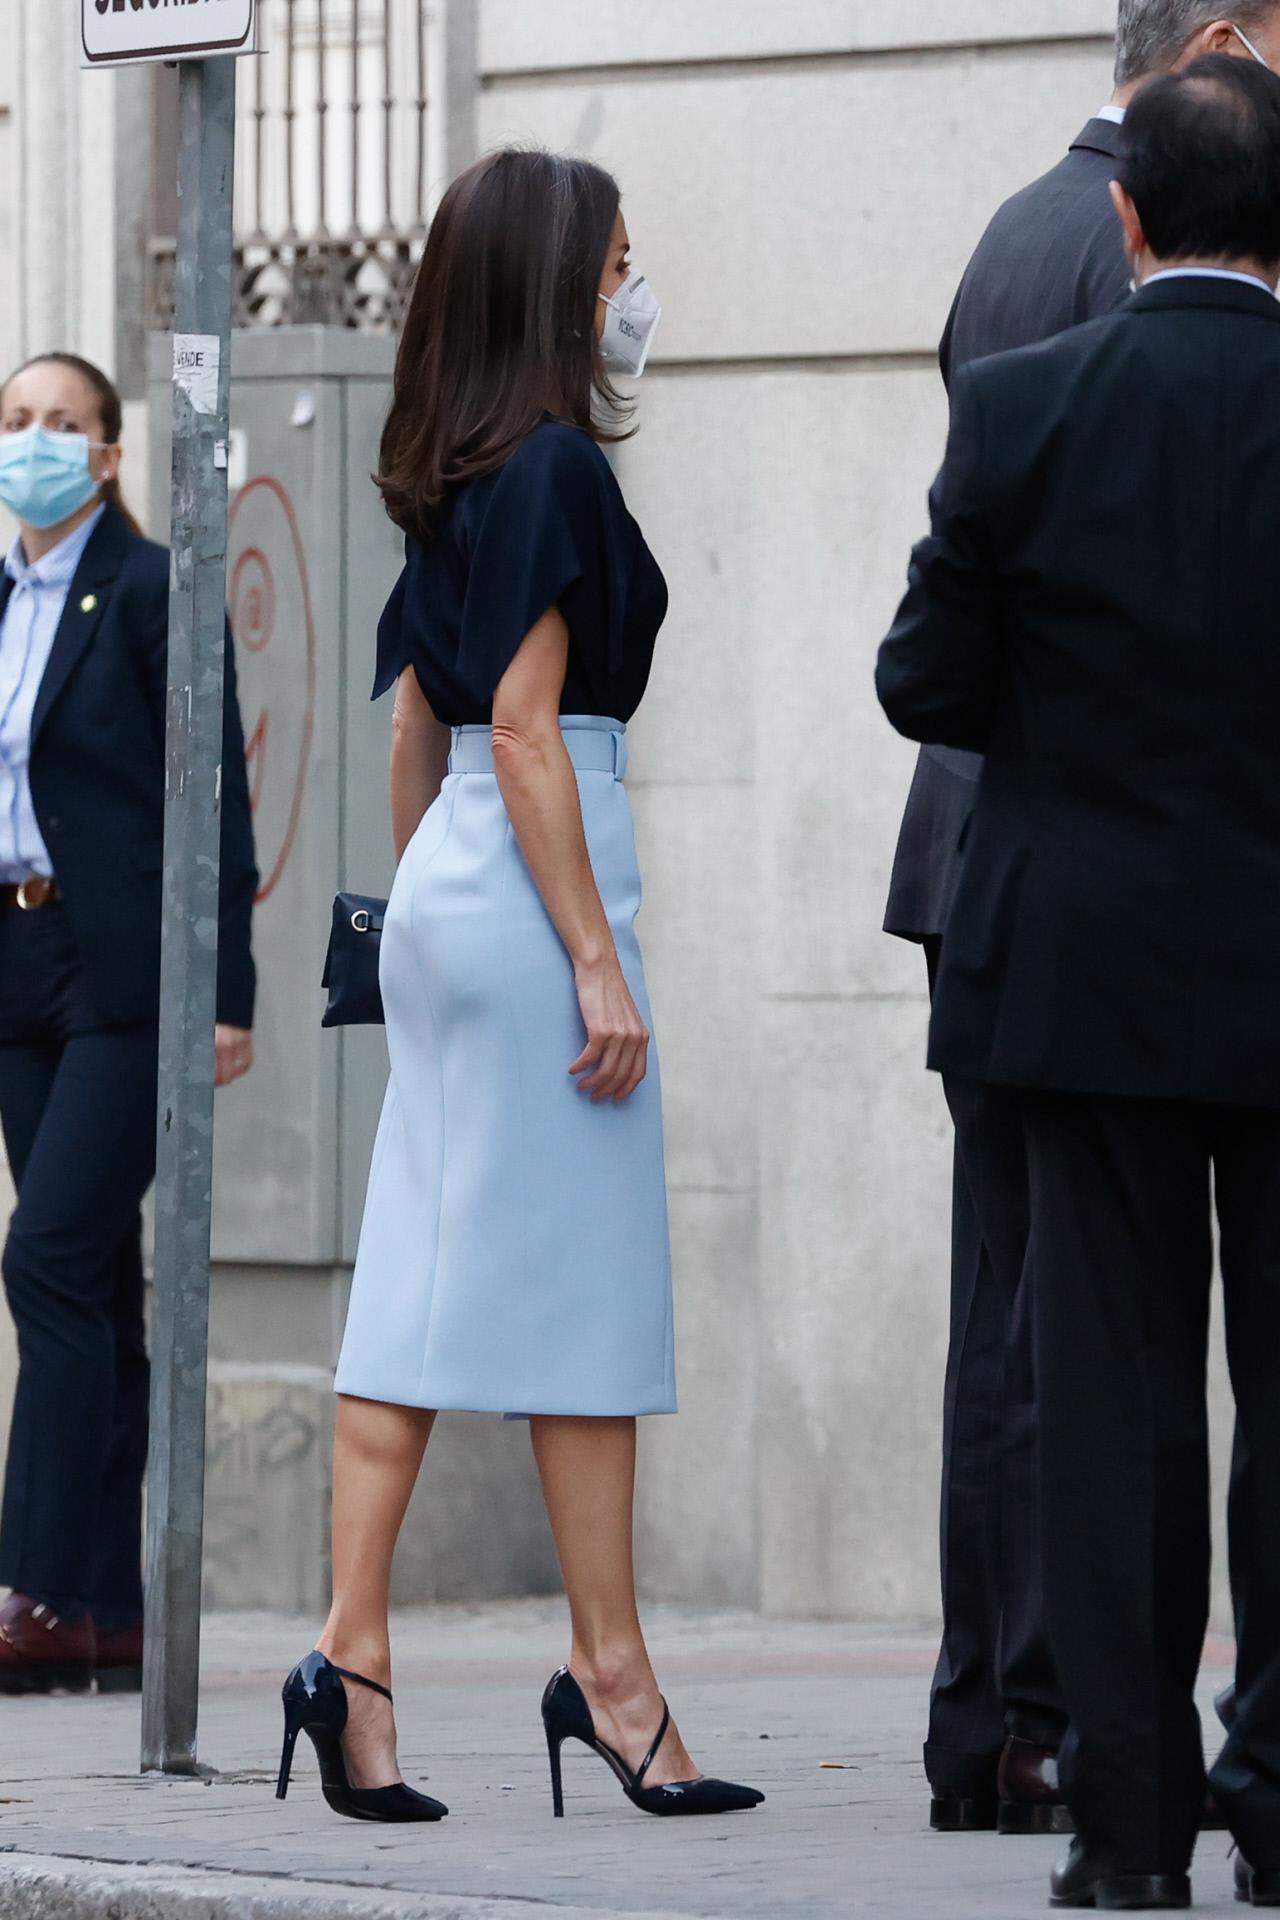 El look de la reina Letizia, con falda lápiz de Hugo Boss.